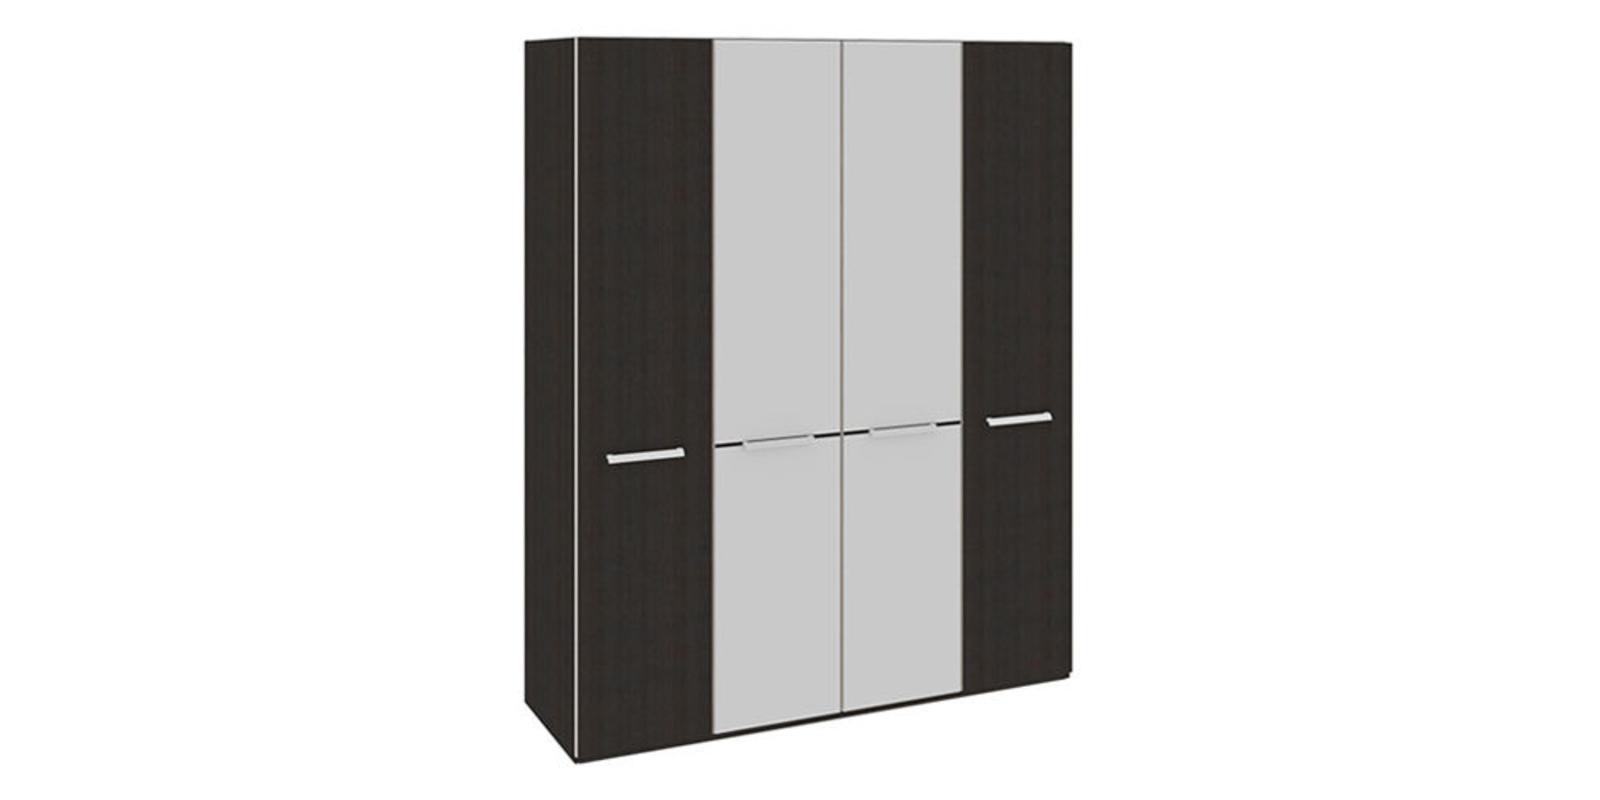 Шкаф распашной четырехдверный Калгари (дуб кастано/зеркало)